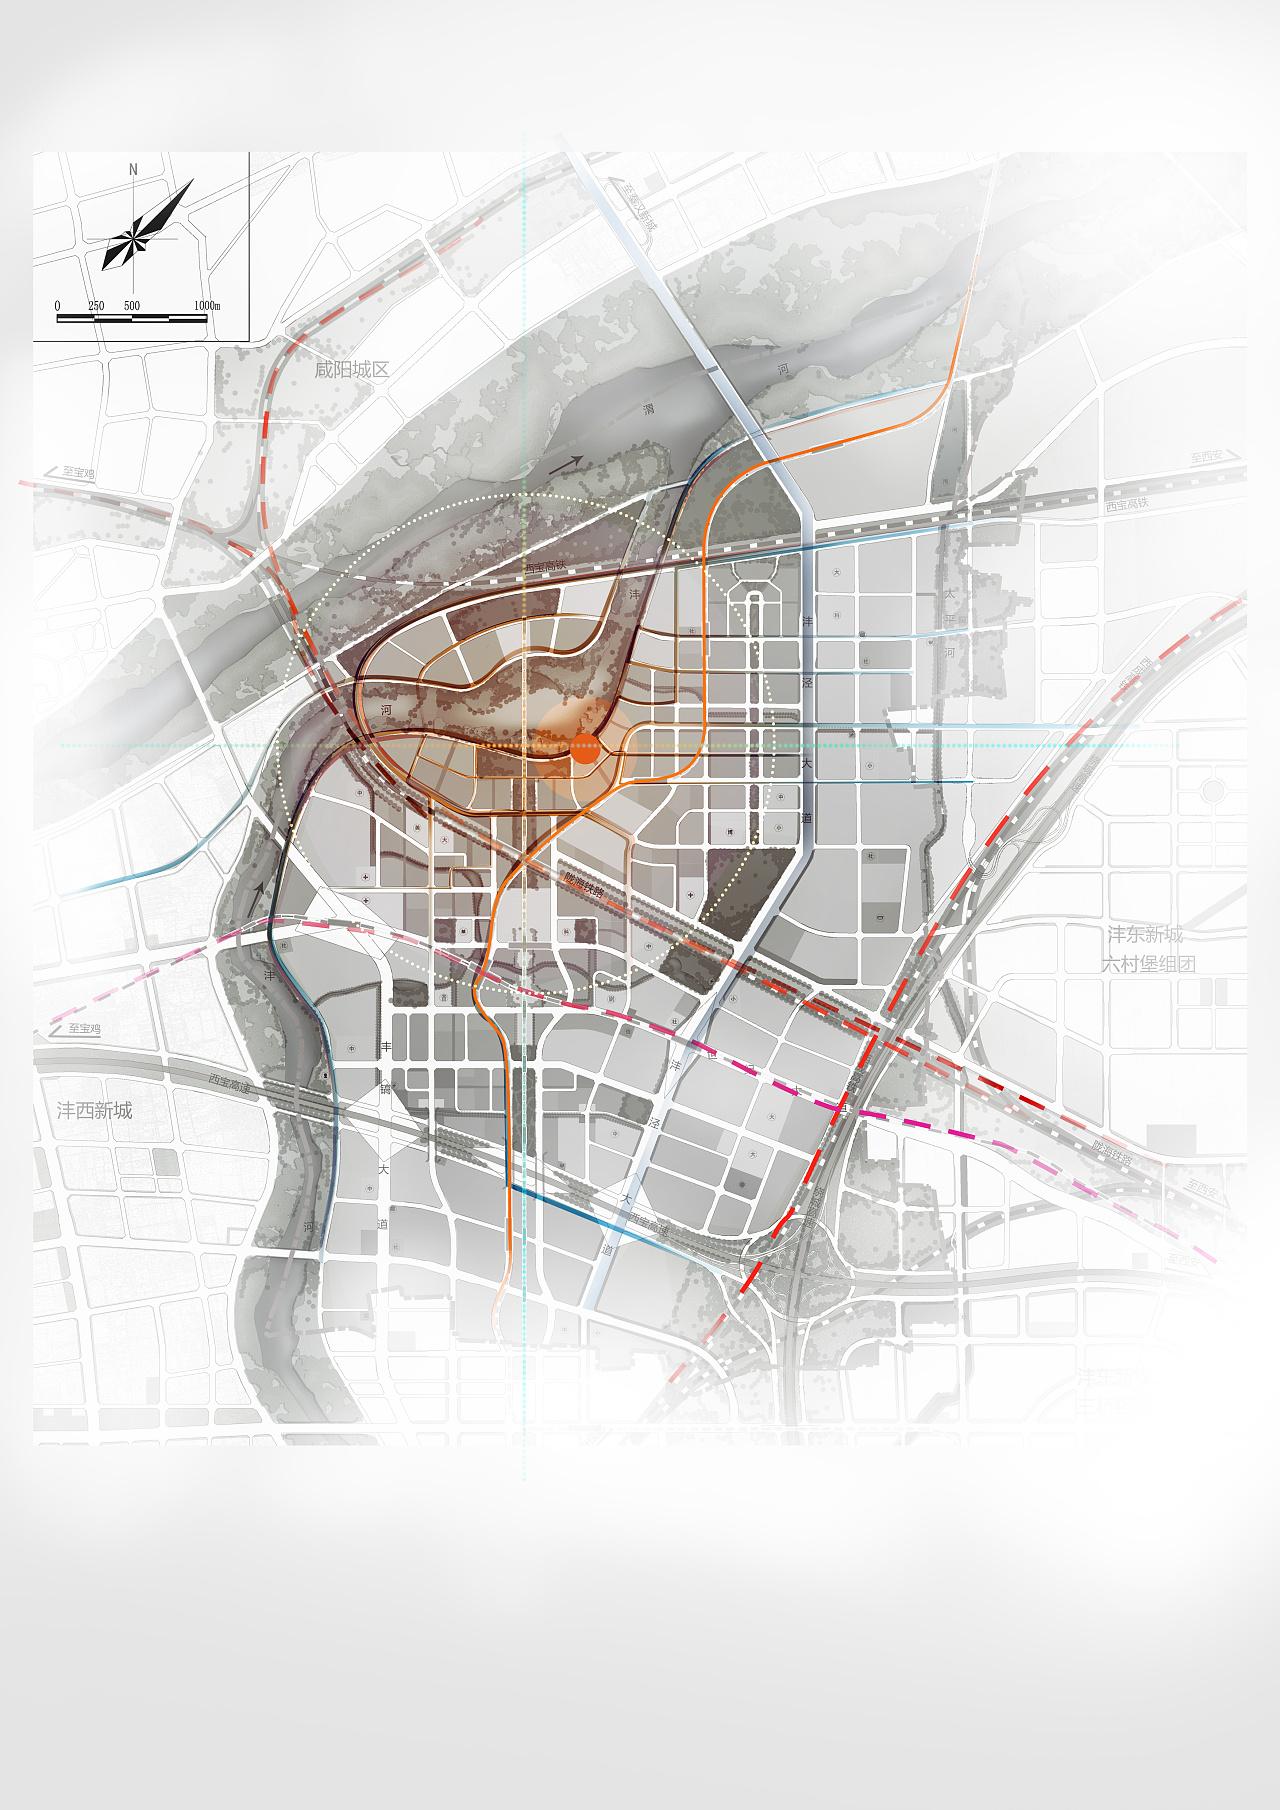 建筑效果图和分析图